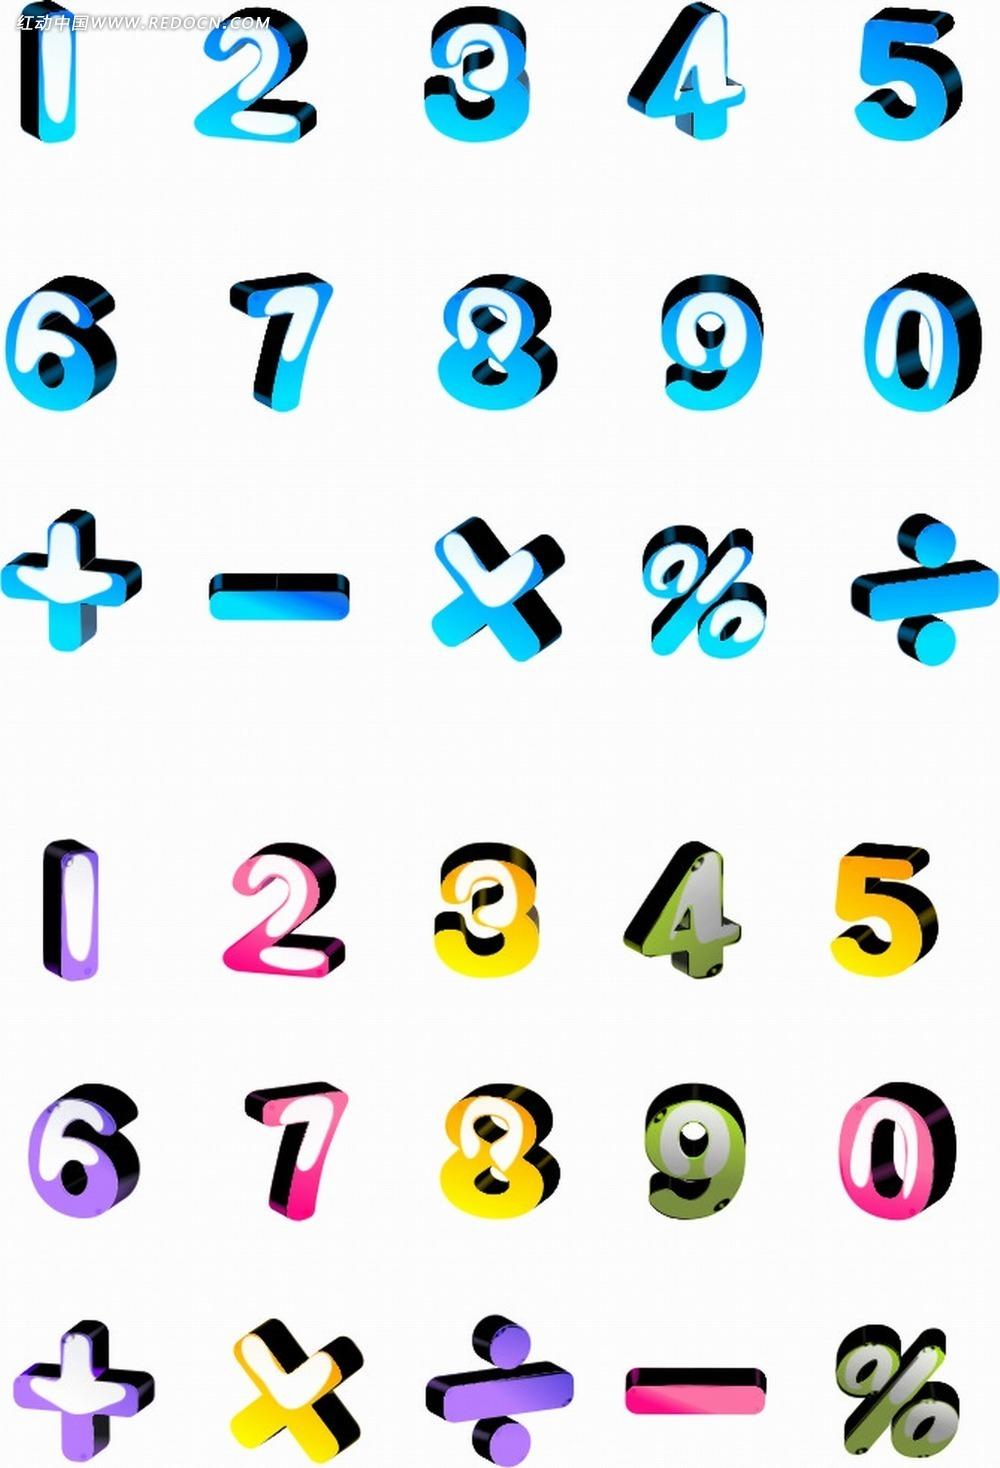 logo 標識 標志 設計 矢量 矢量圖 素材 圖標 1000_1498 豎版 豎屏